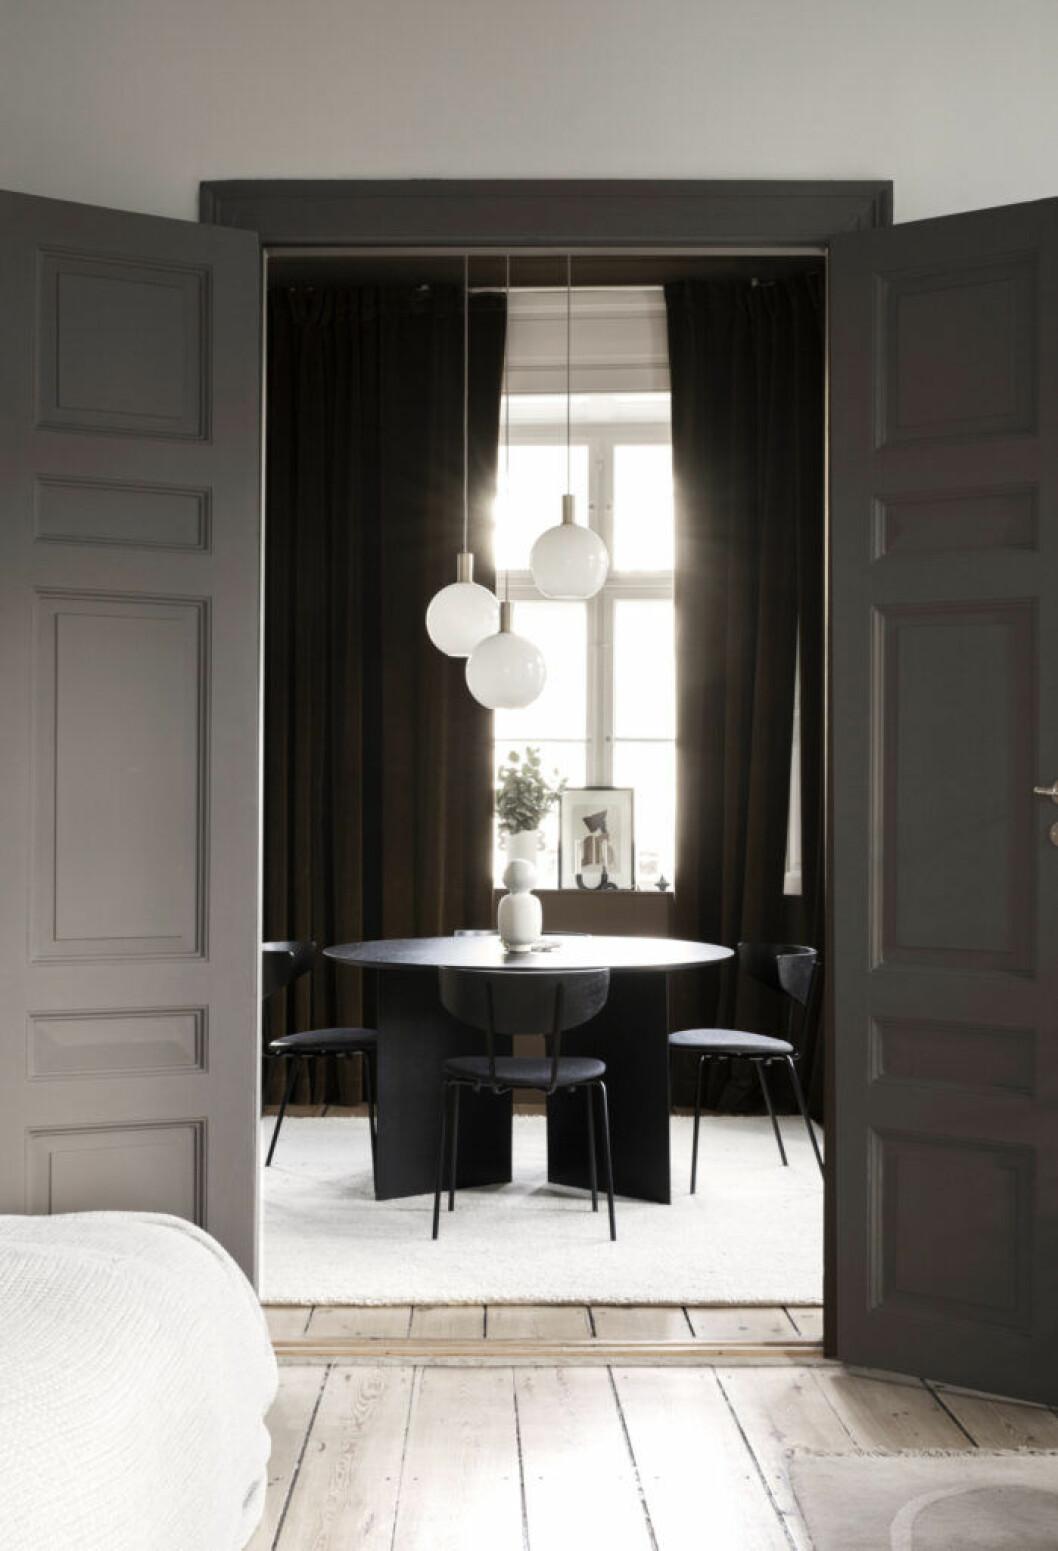 Att måla en dörr och listerna i en färg som poppar är ett enkelt sätt att göra rummet minnesvärt